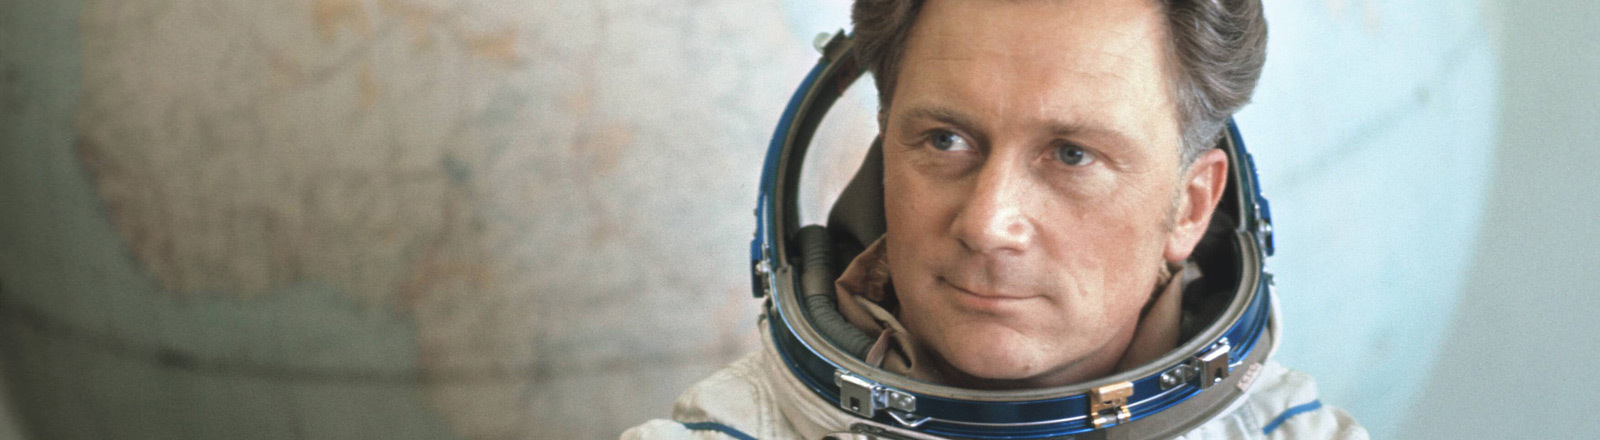 Kosmonaut Sigmund Jähn